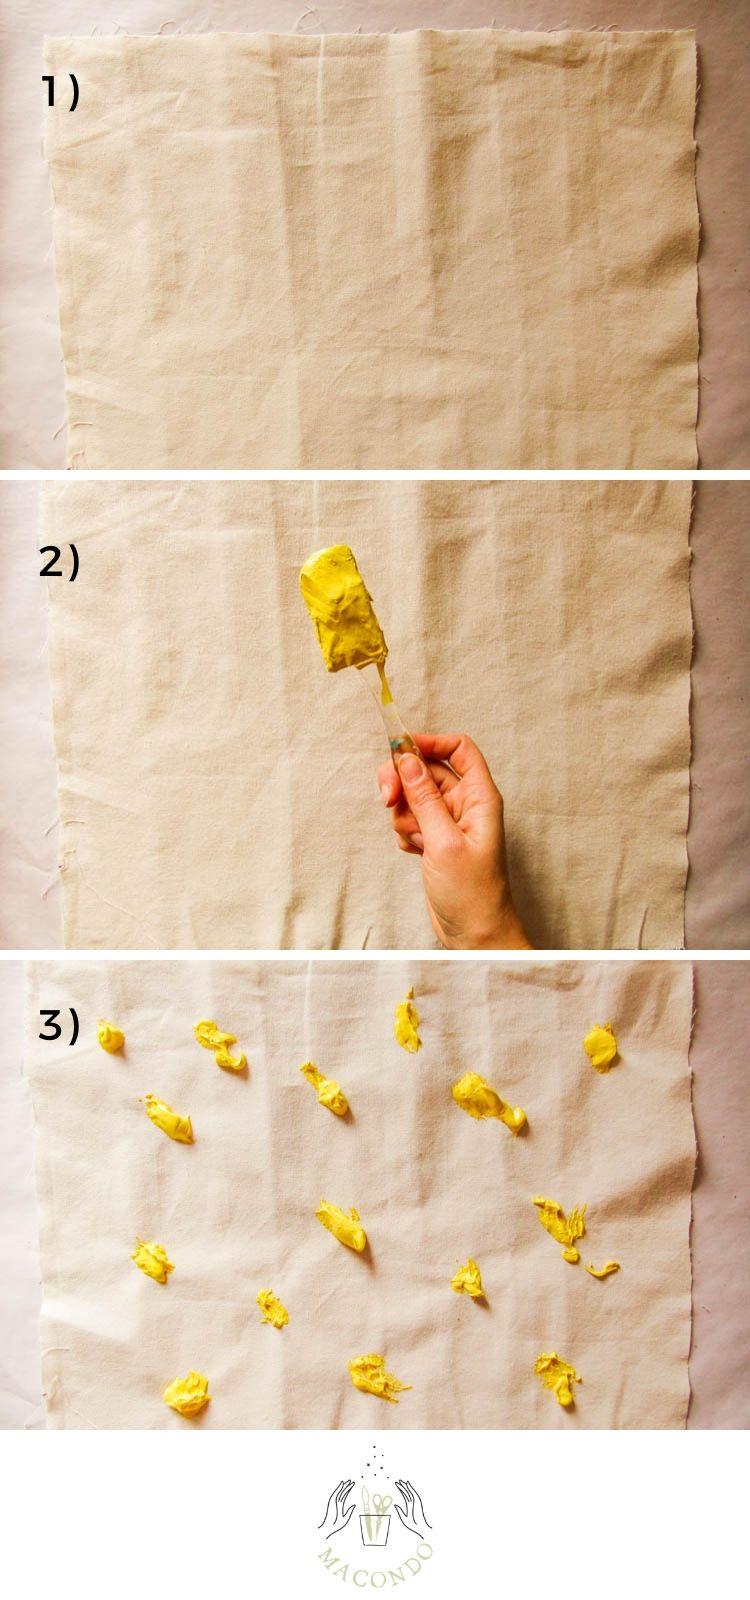 Técnica de estampado: barrido - Paso 1, 2 y 3